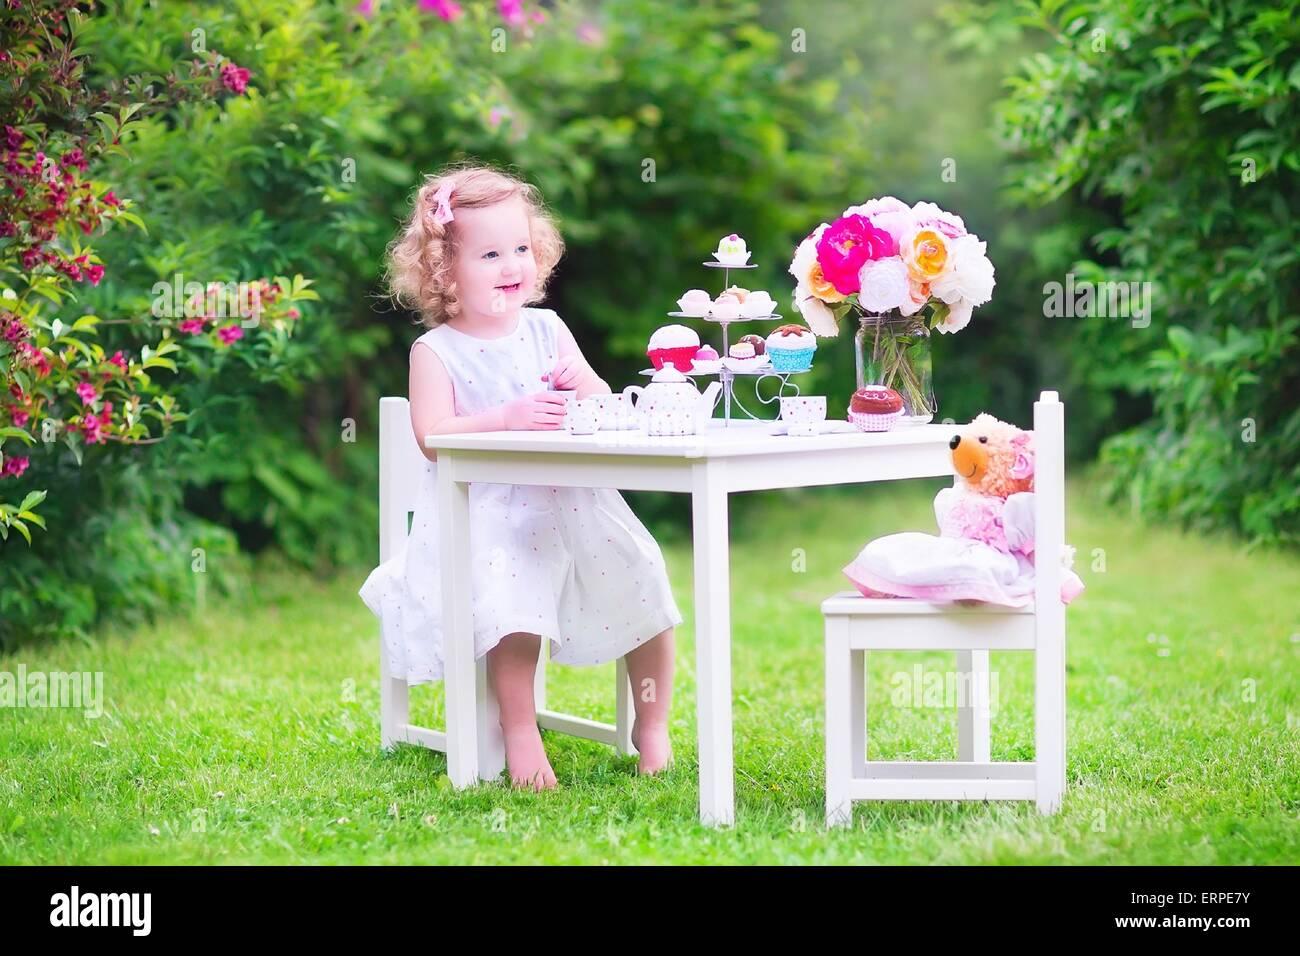 Entzückende kleinkind mädchen an ihrem geburtstag spielen